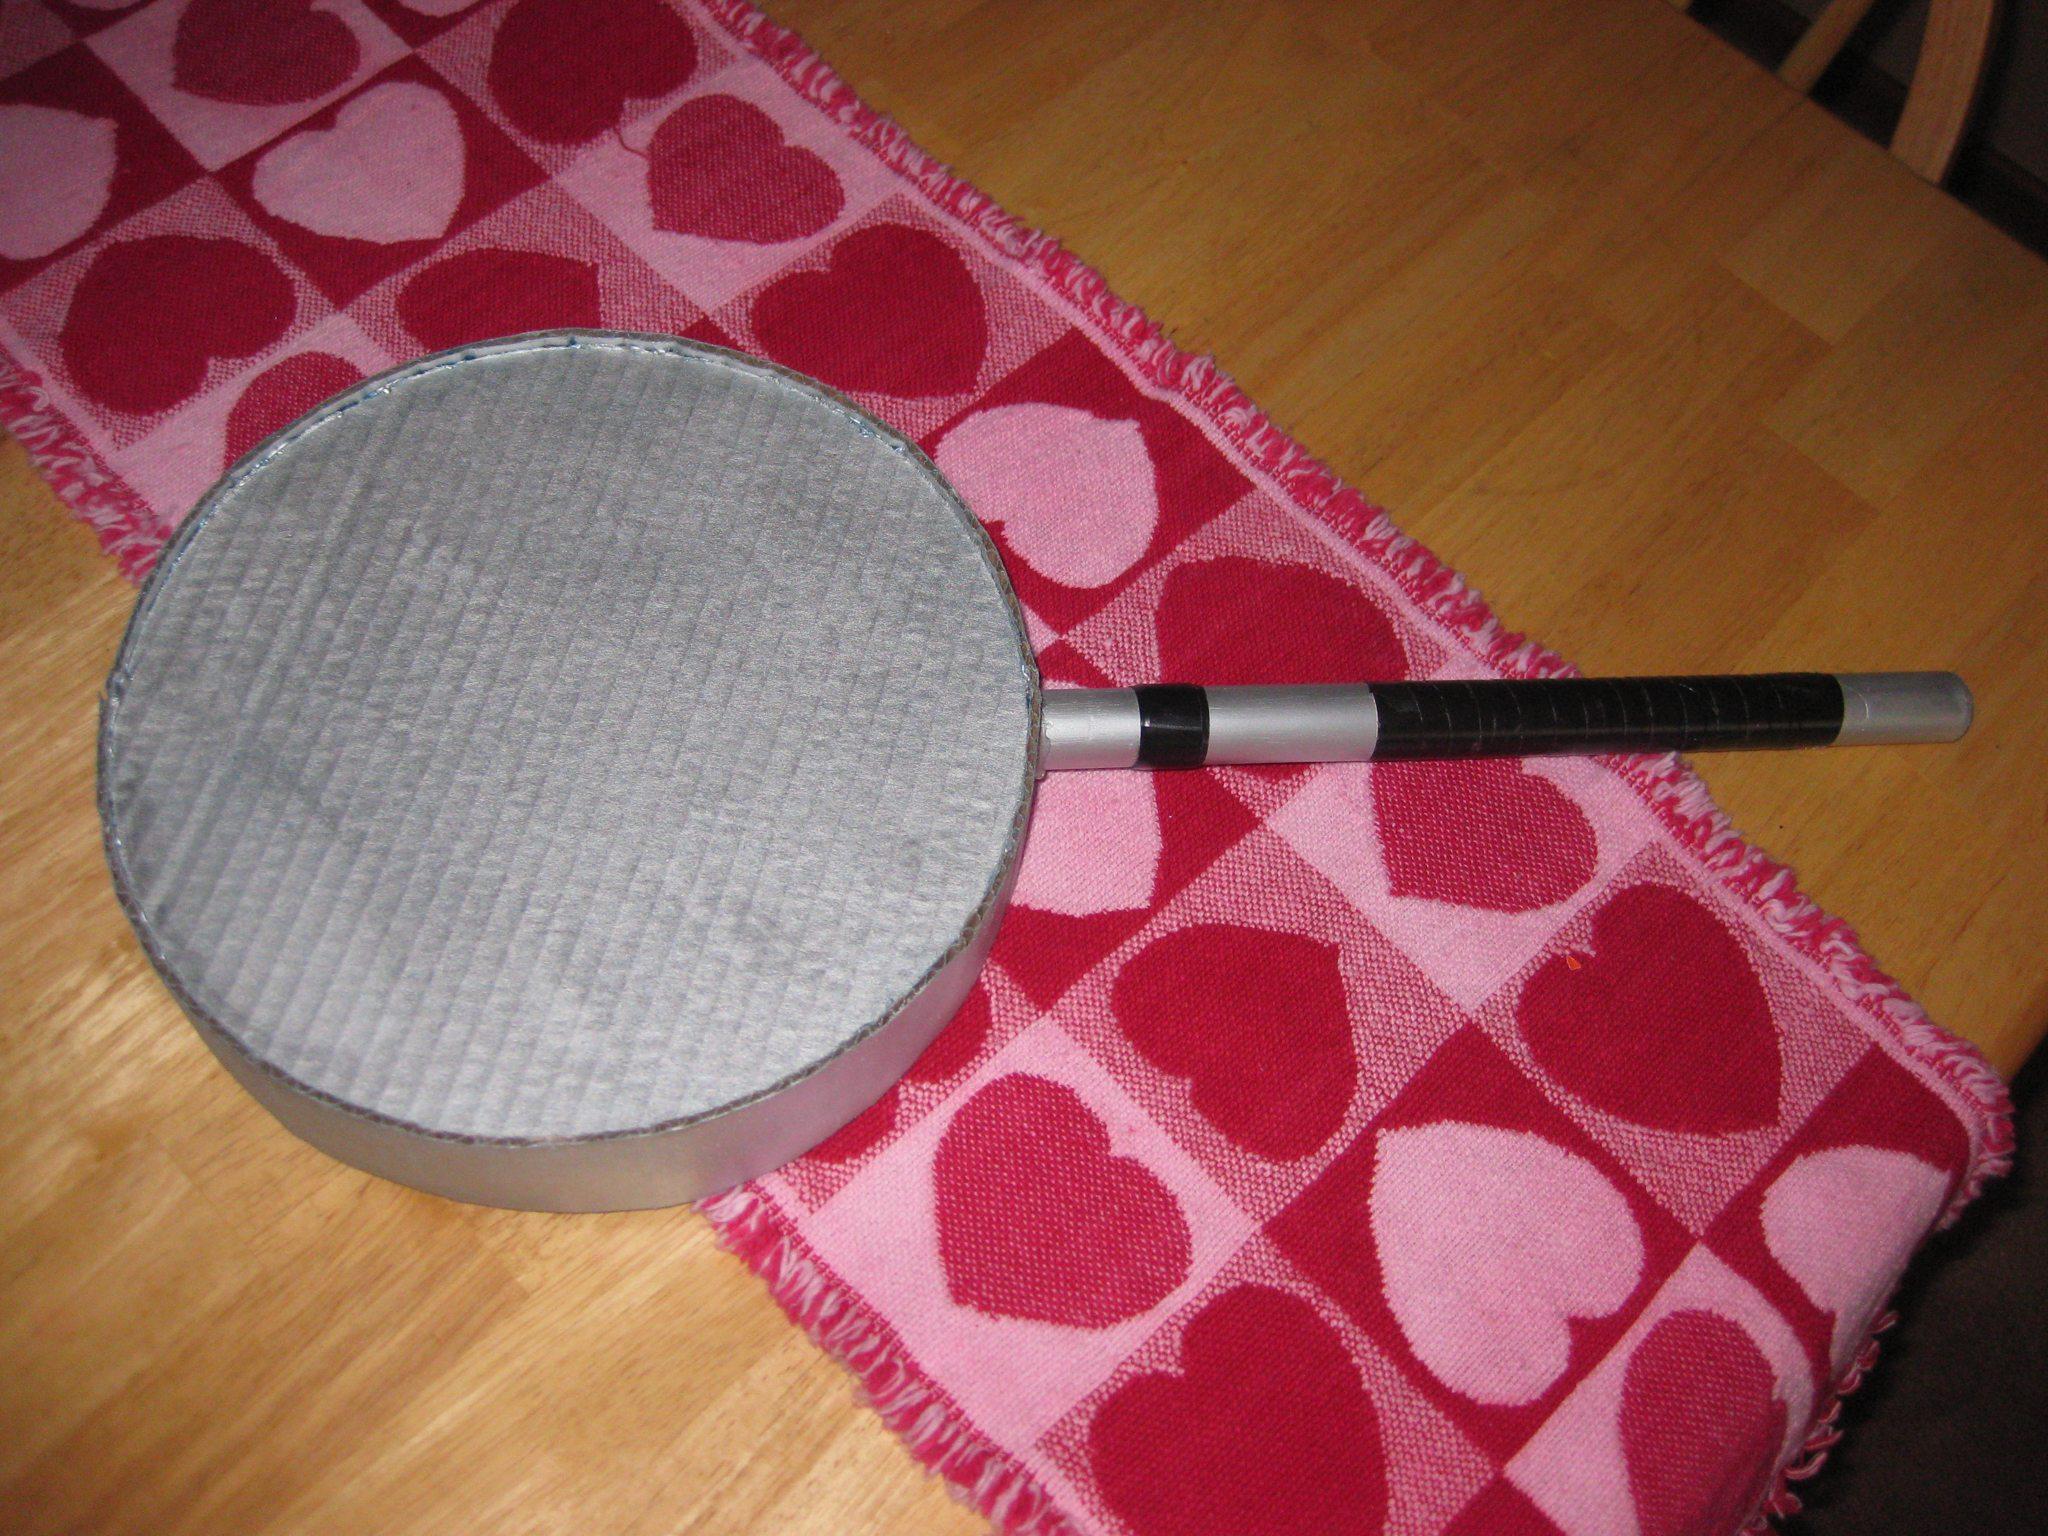 A magnifying glass for a Sherlock fan...no, it's not a frying pan.